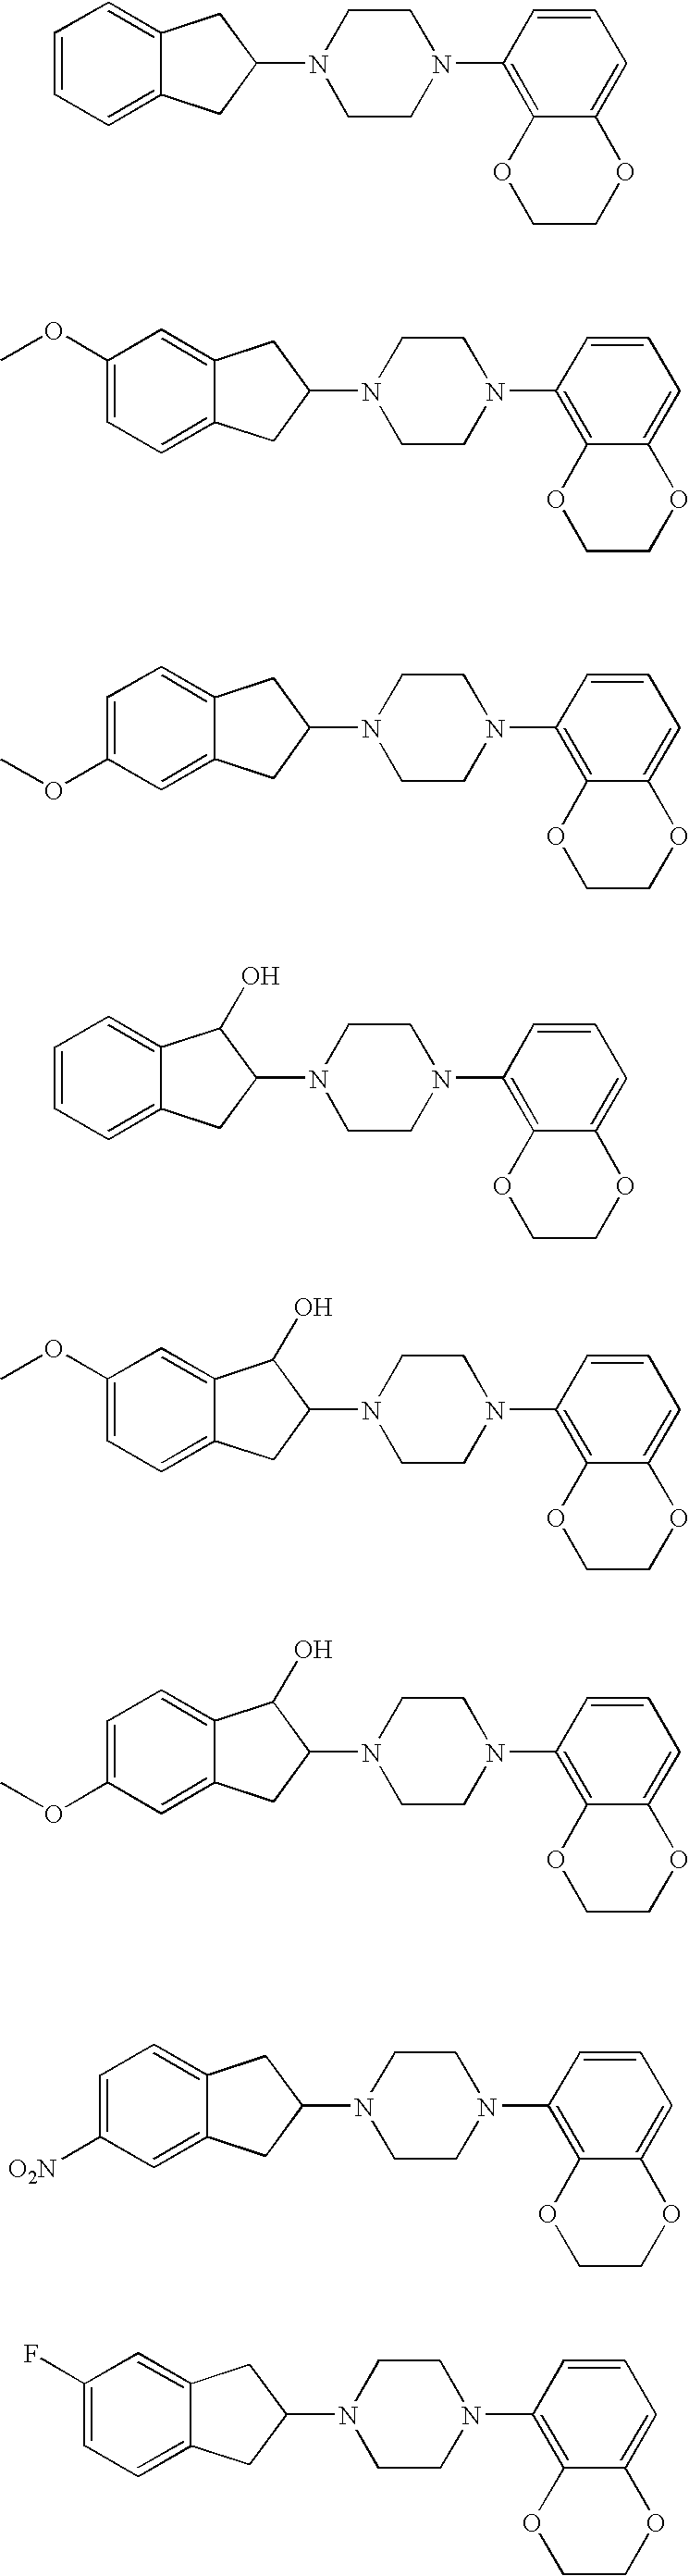 Figure US20100009983A1-20100114-C00193